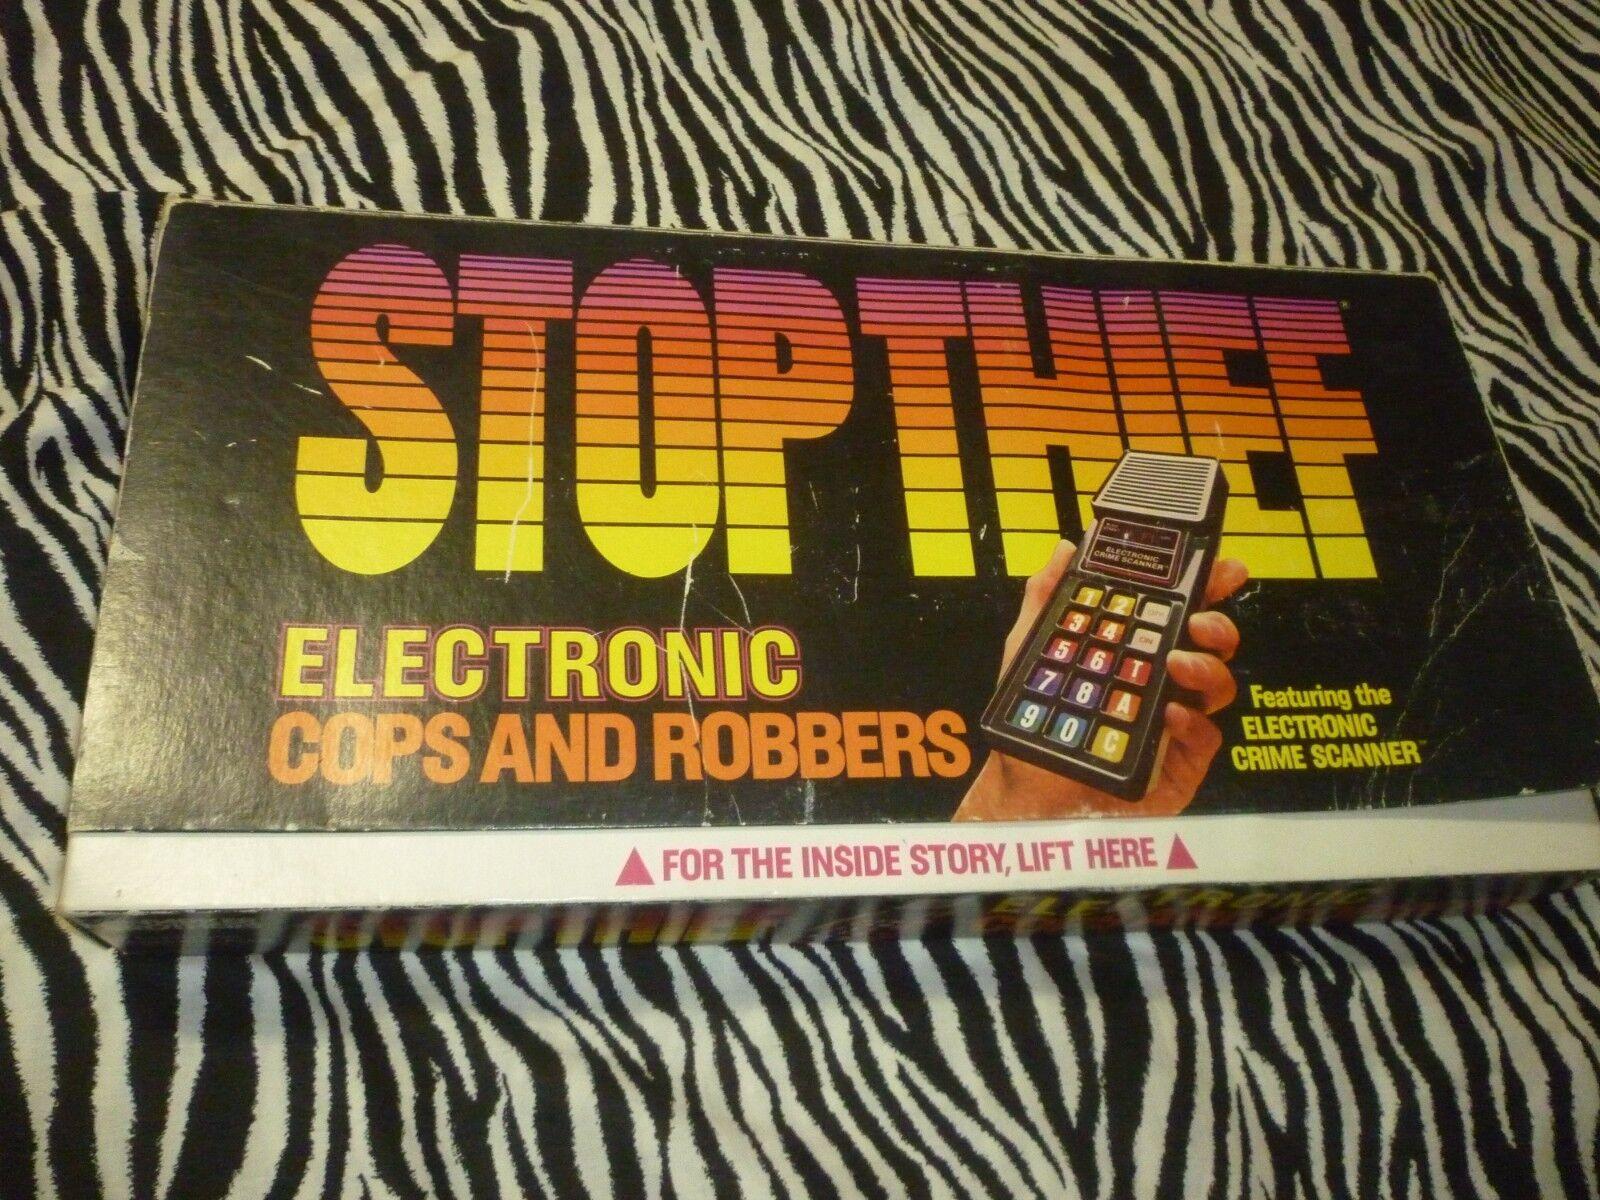 Diebe elektronische 1979 vintage - spiel.